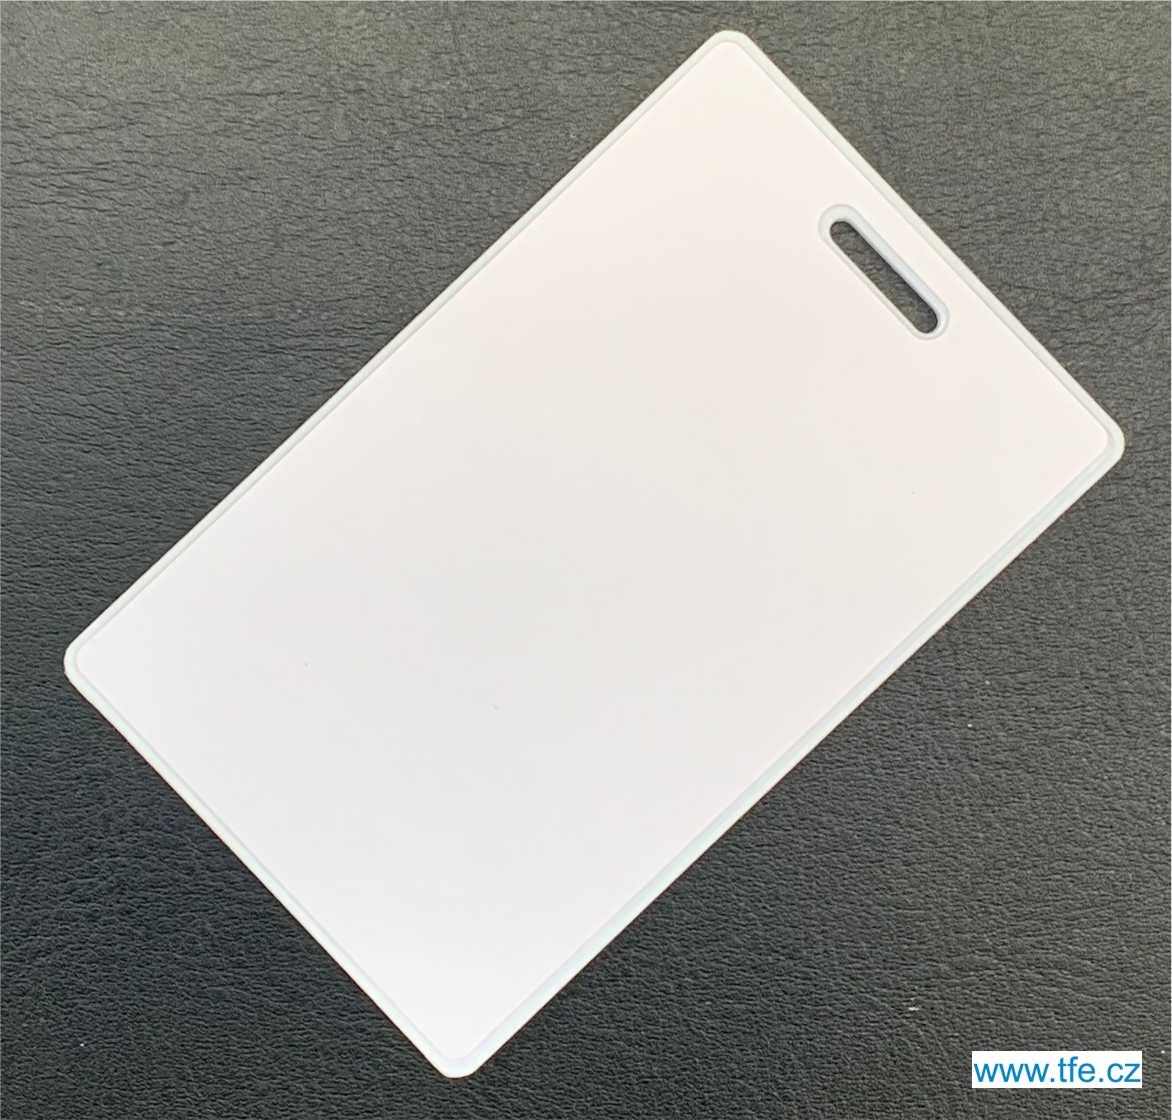 Bezkontaktní karta RFID EM 125kHz, typ IDC2H